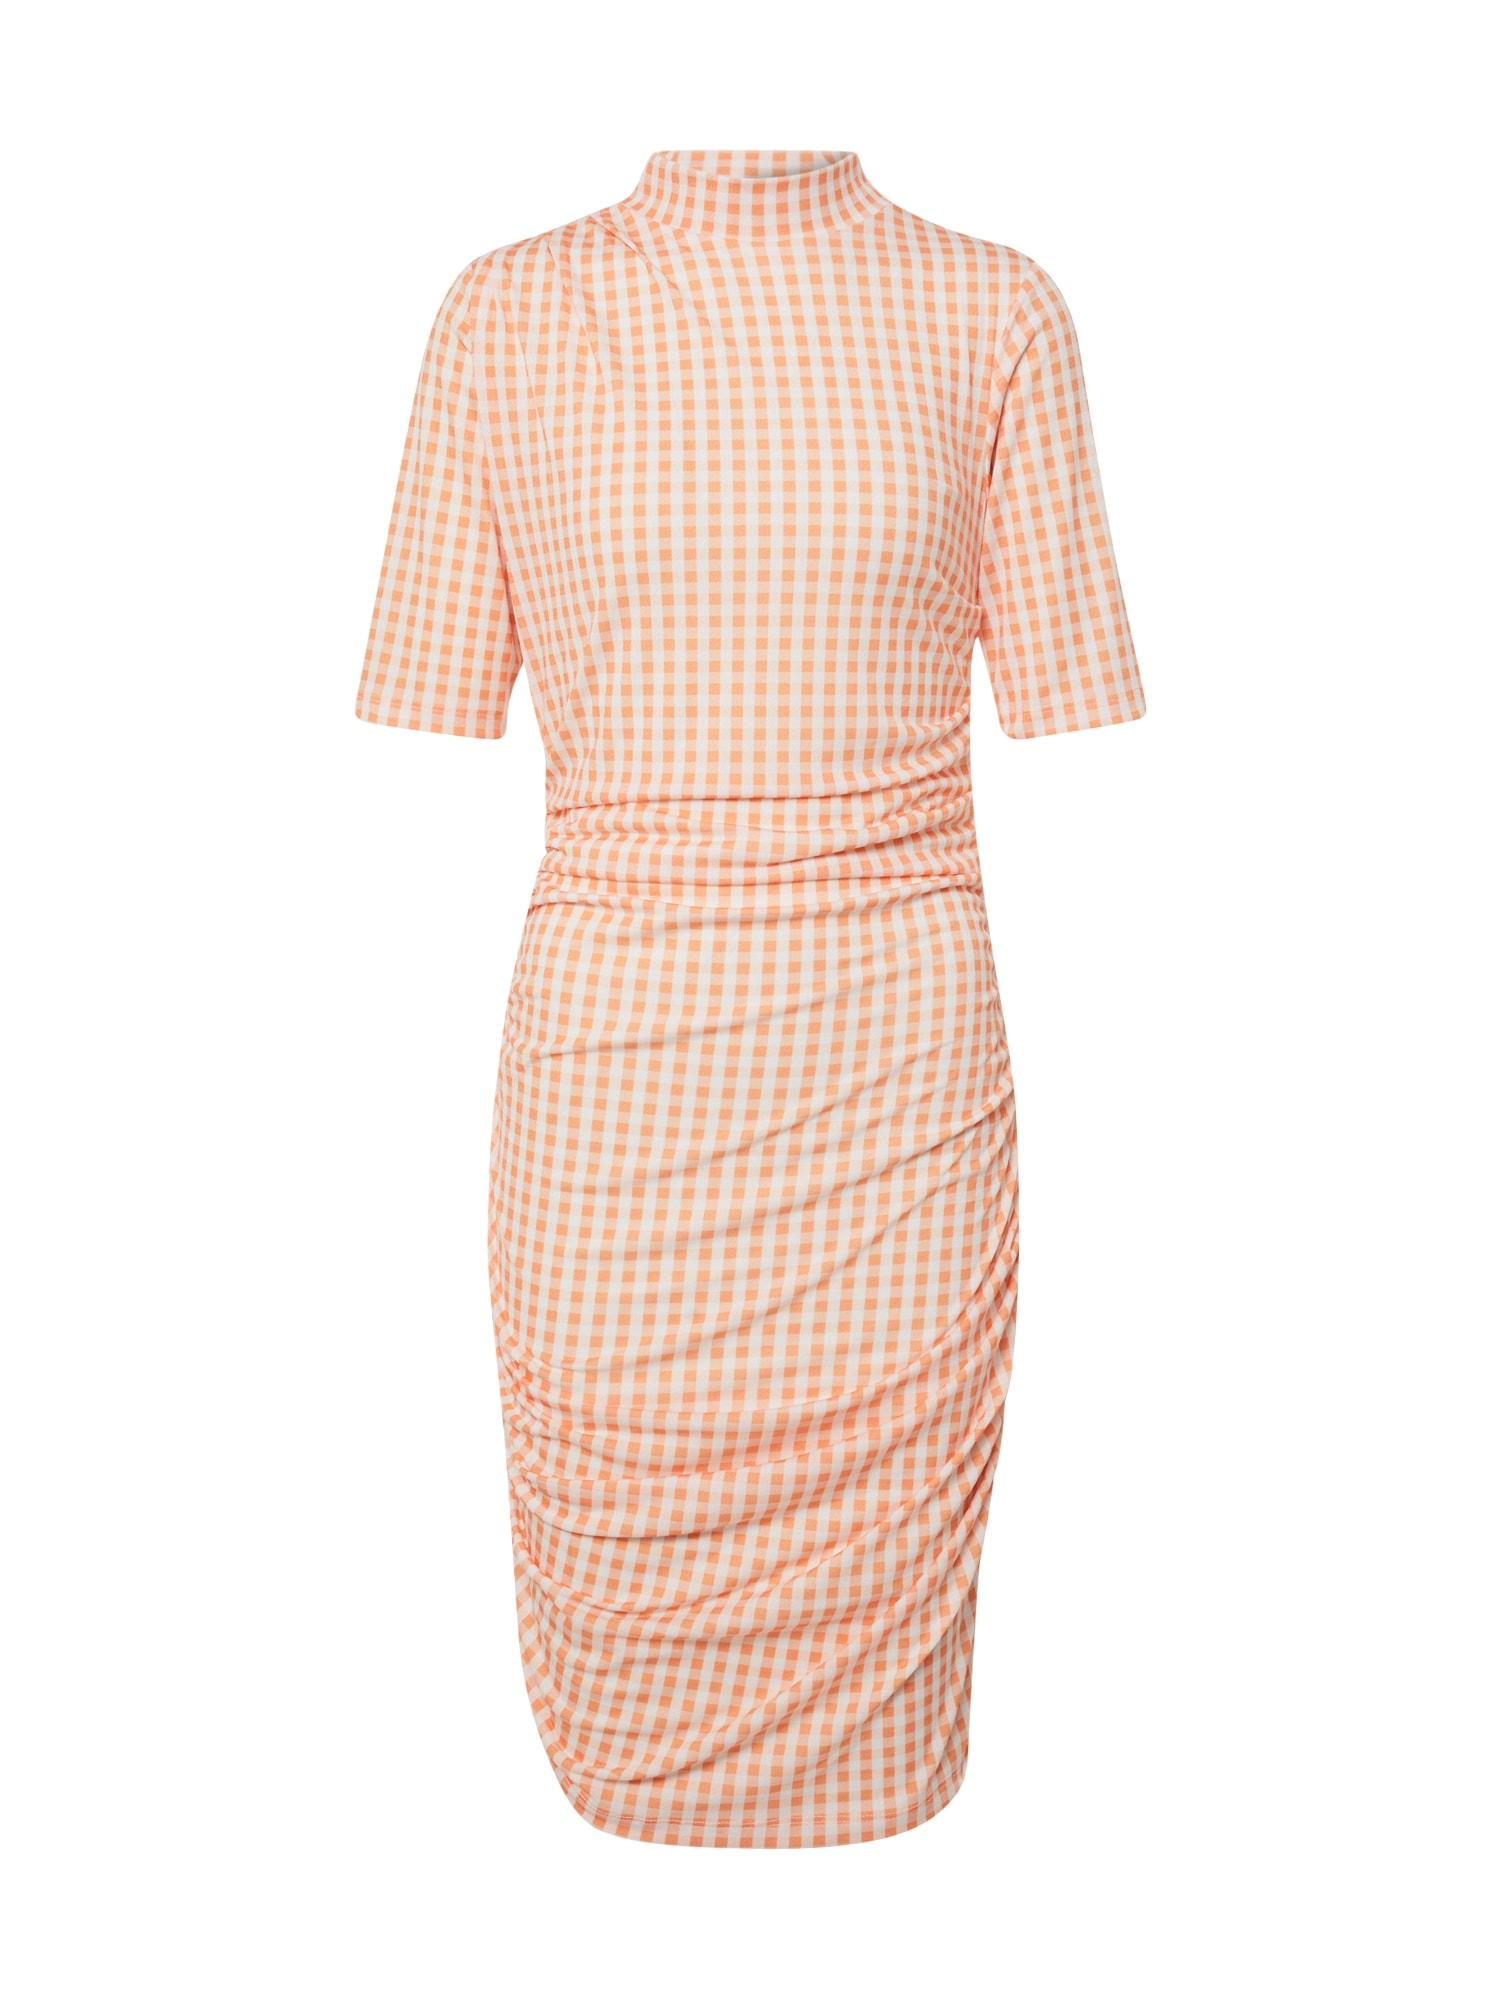 EDITED Šaty 'Nessa'  krémová / oranžová